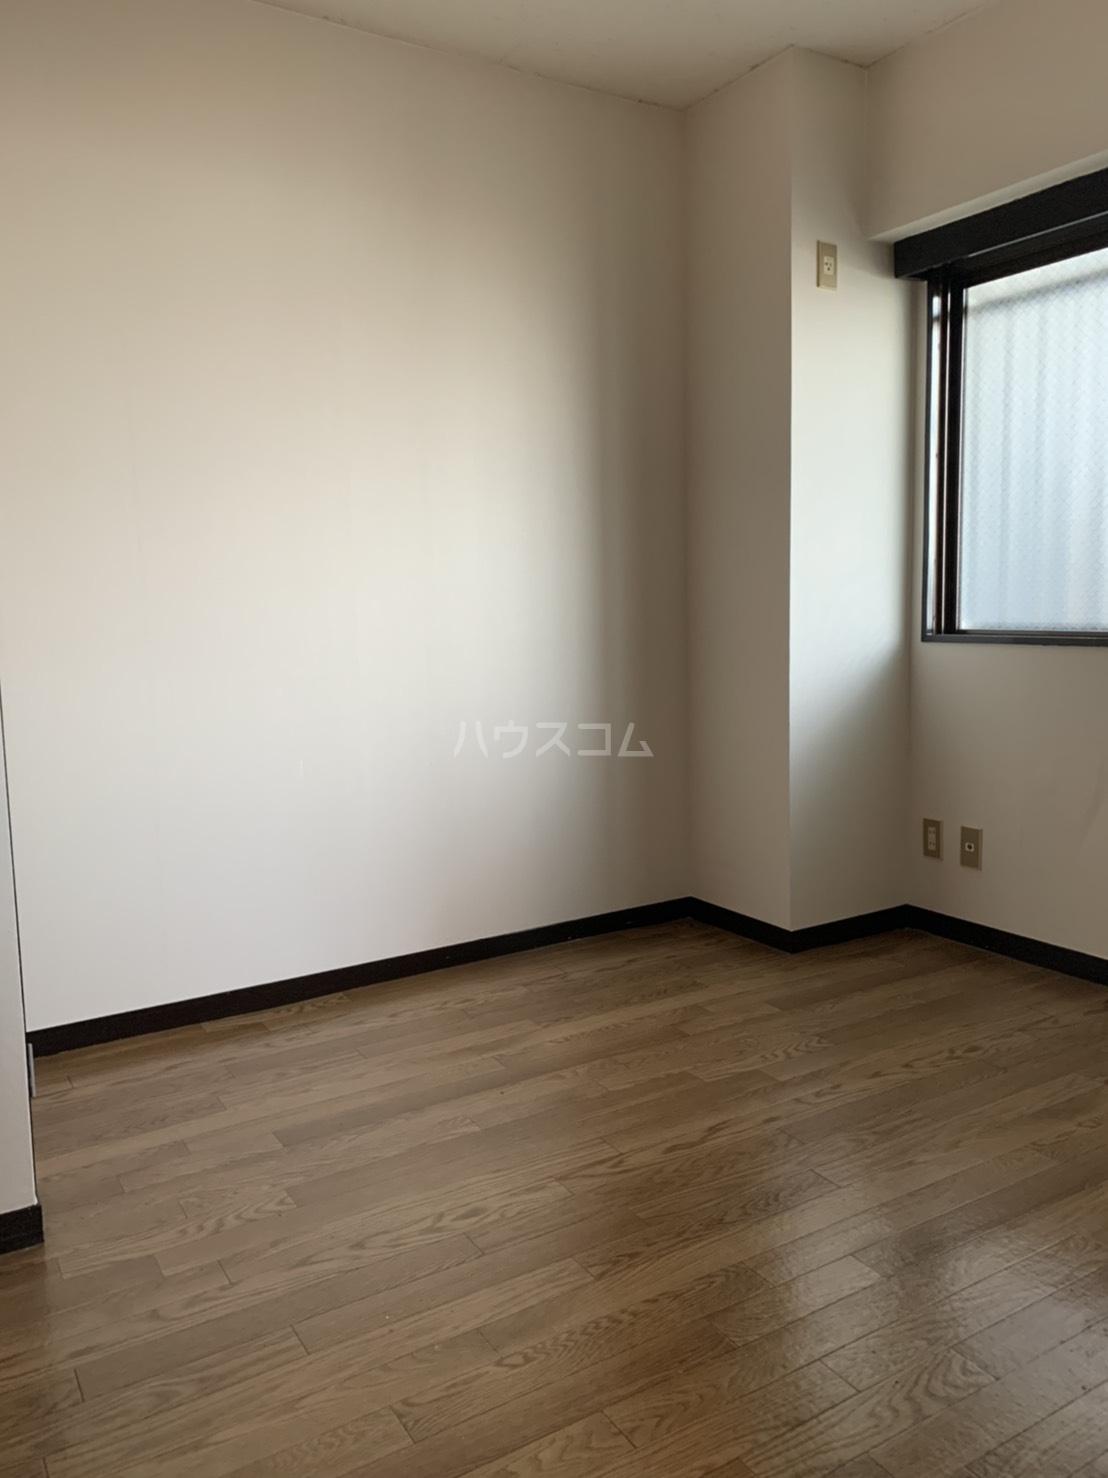 アスピア若鶴 311号室のリビング